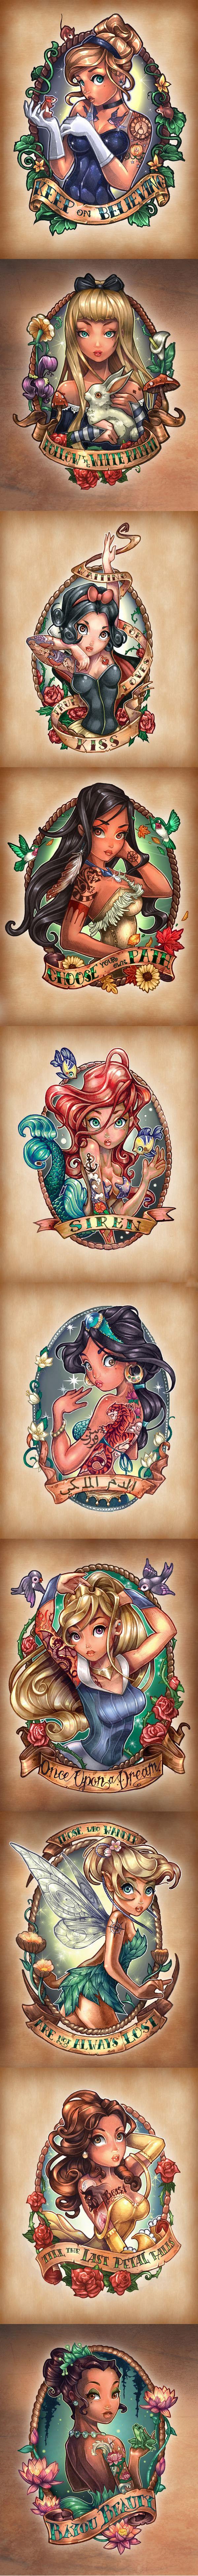 O ilustrador Tim Shumate criou estas belas ilustrações das princesas Disney em versões pin-ups tatuadas, estão tão perfeitas que podem ser tatuadas em você!